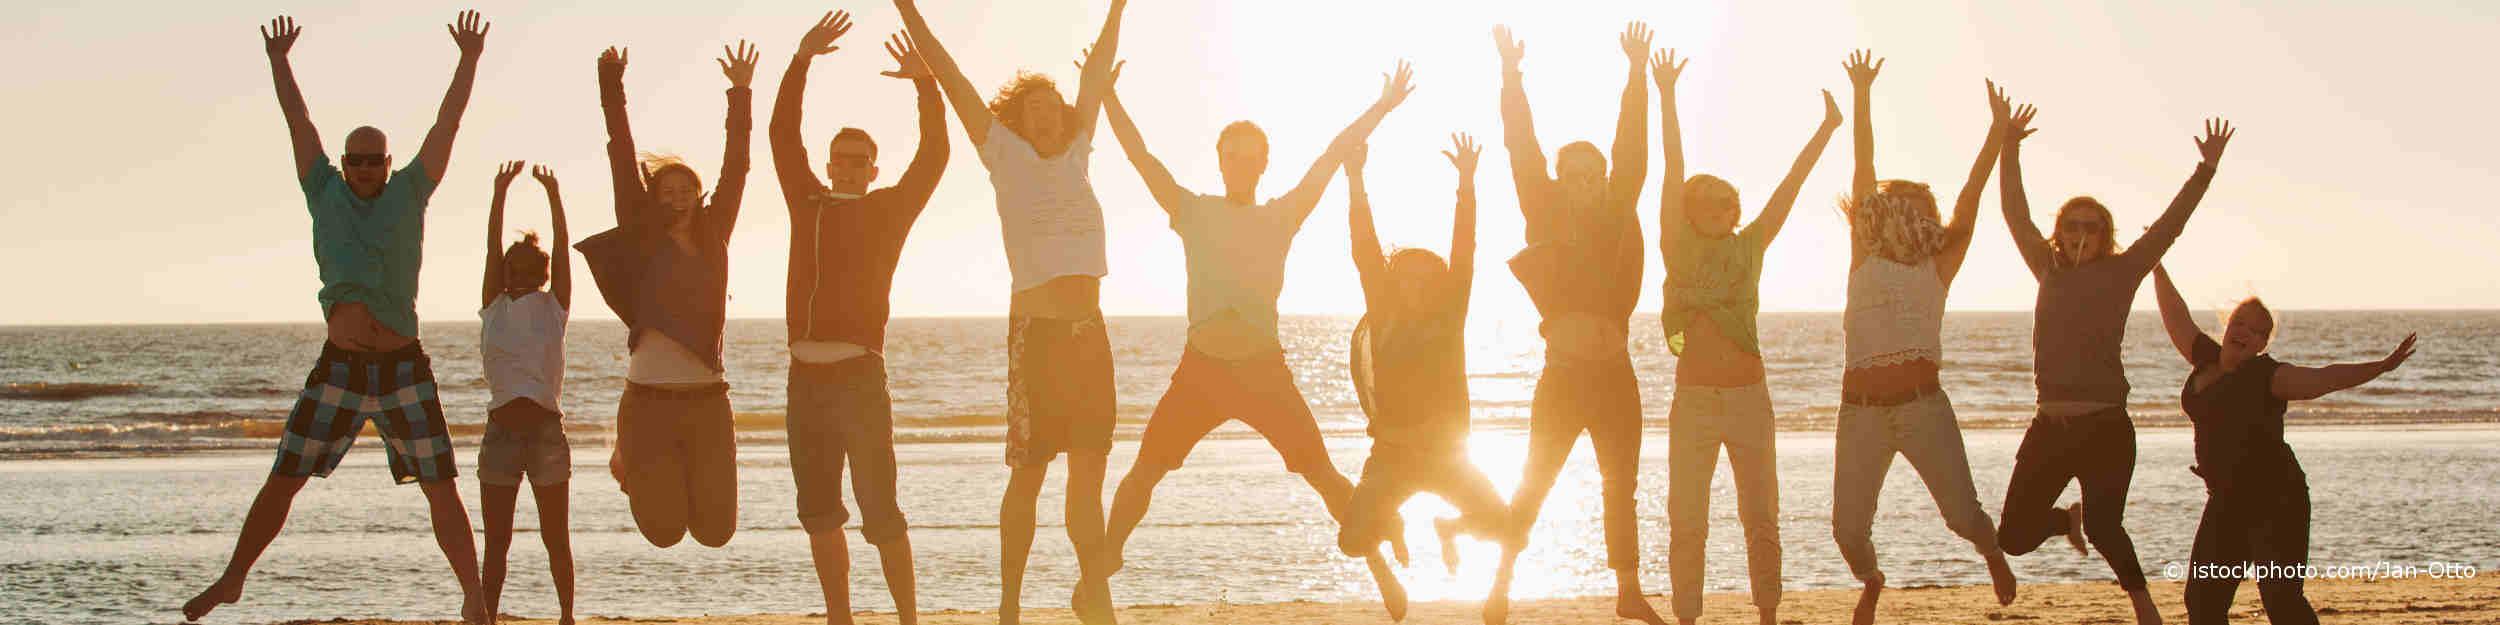 Junge Leute haben auf DocInsider die Tipps zur Stärkung des Immunsystems gelesen und hüpfen im Sonnenuntergang auf dem Sand am Meer.